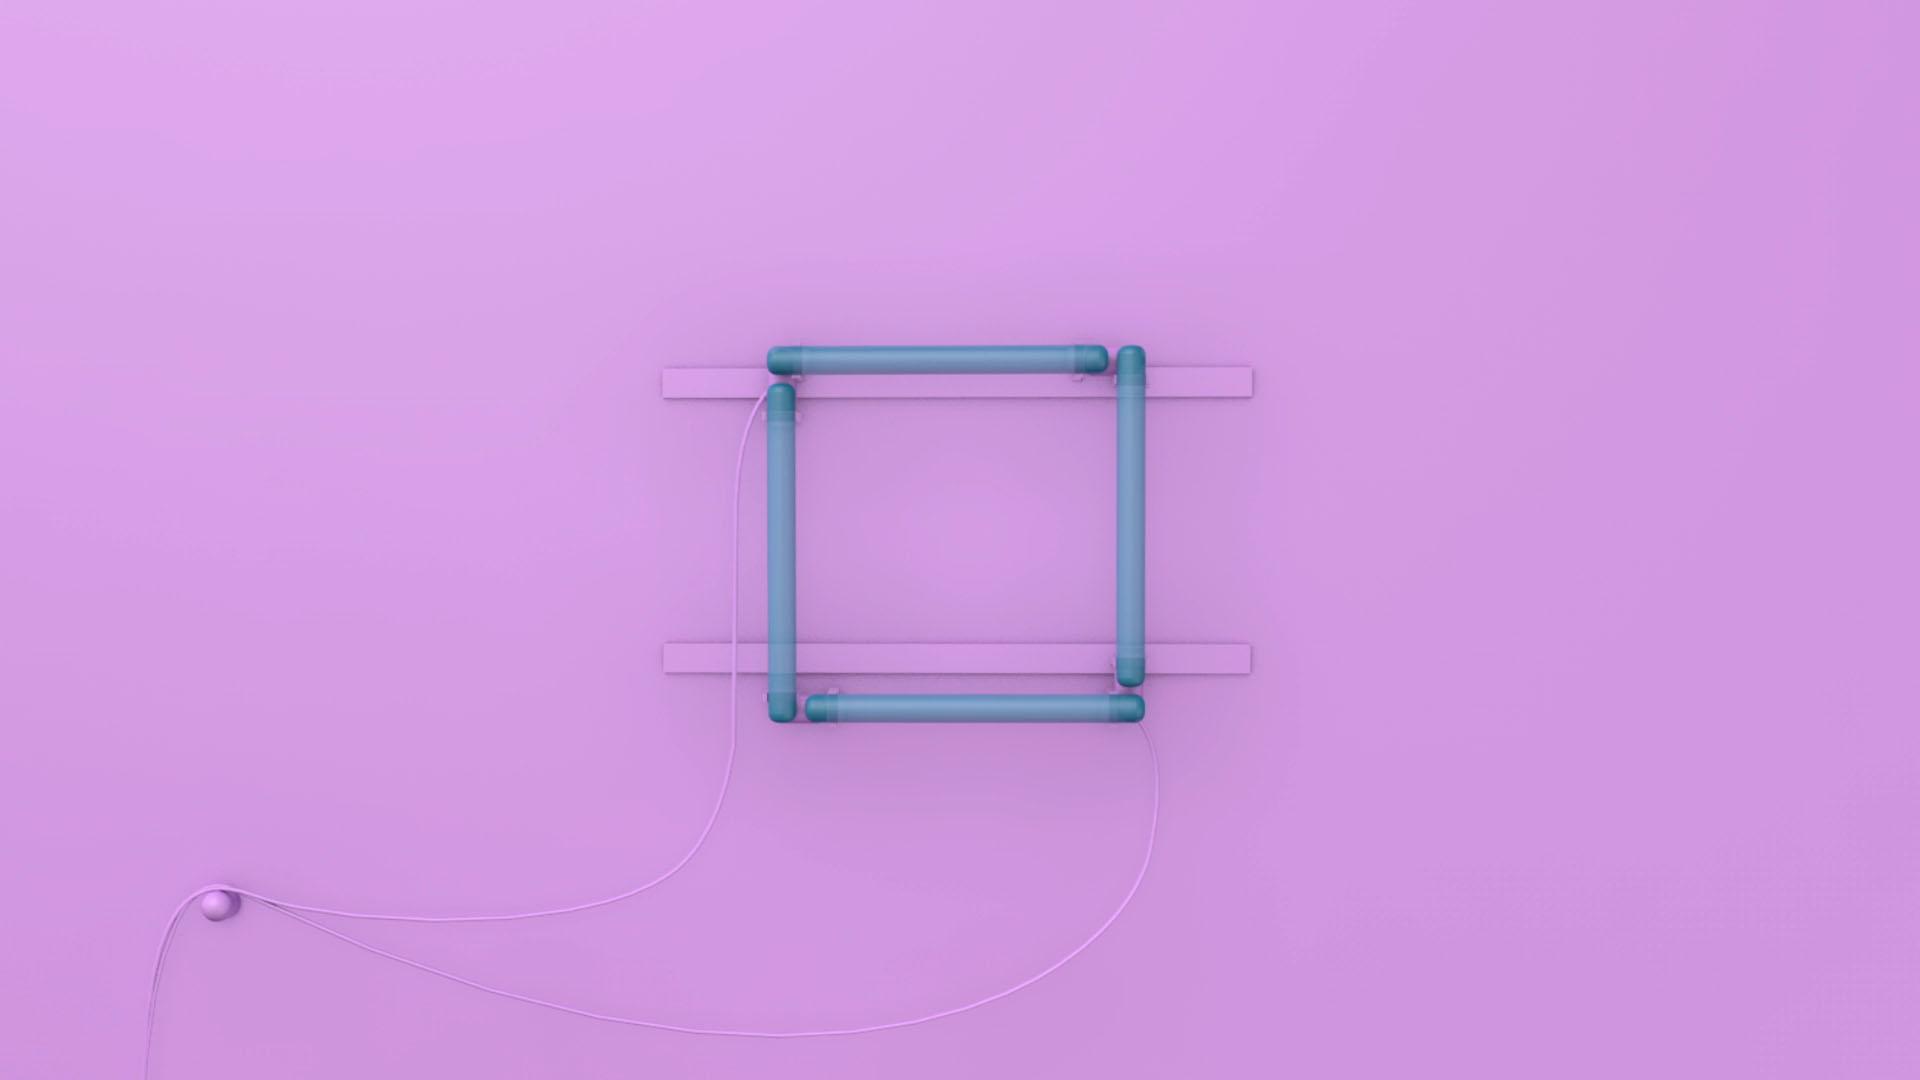 Frame6.jpg